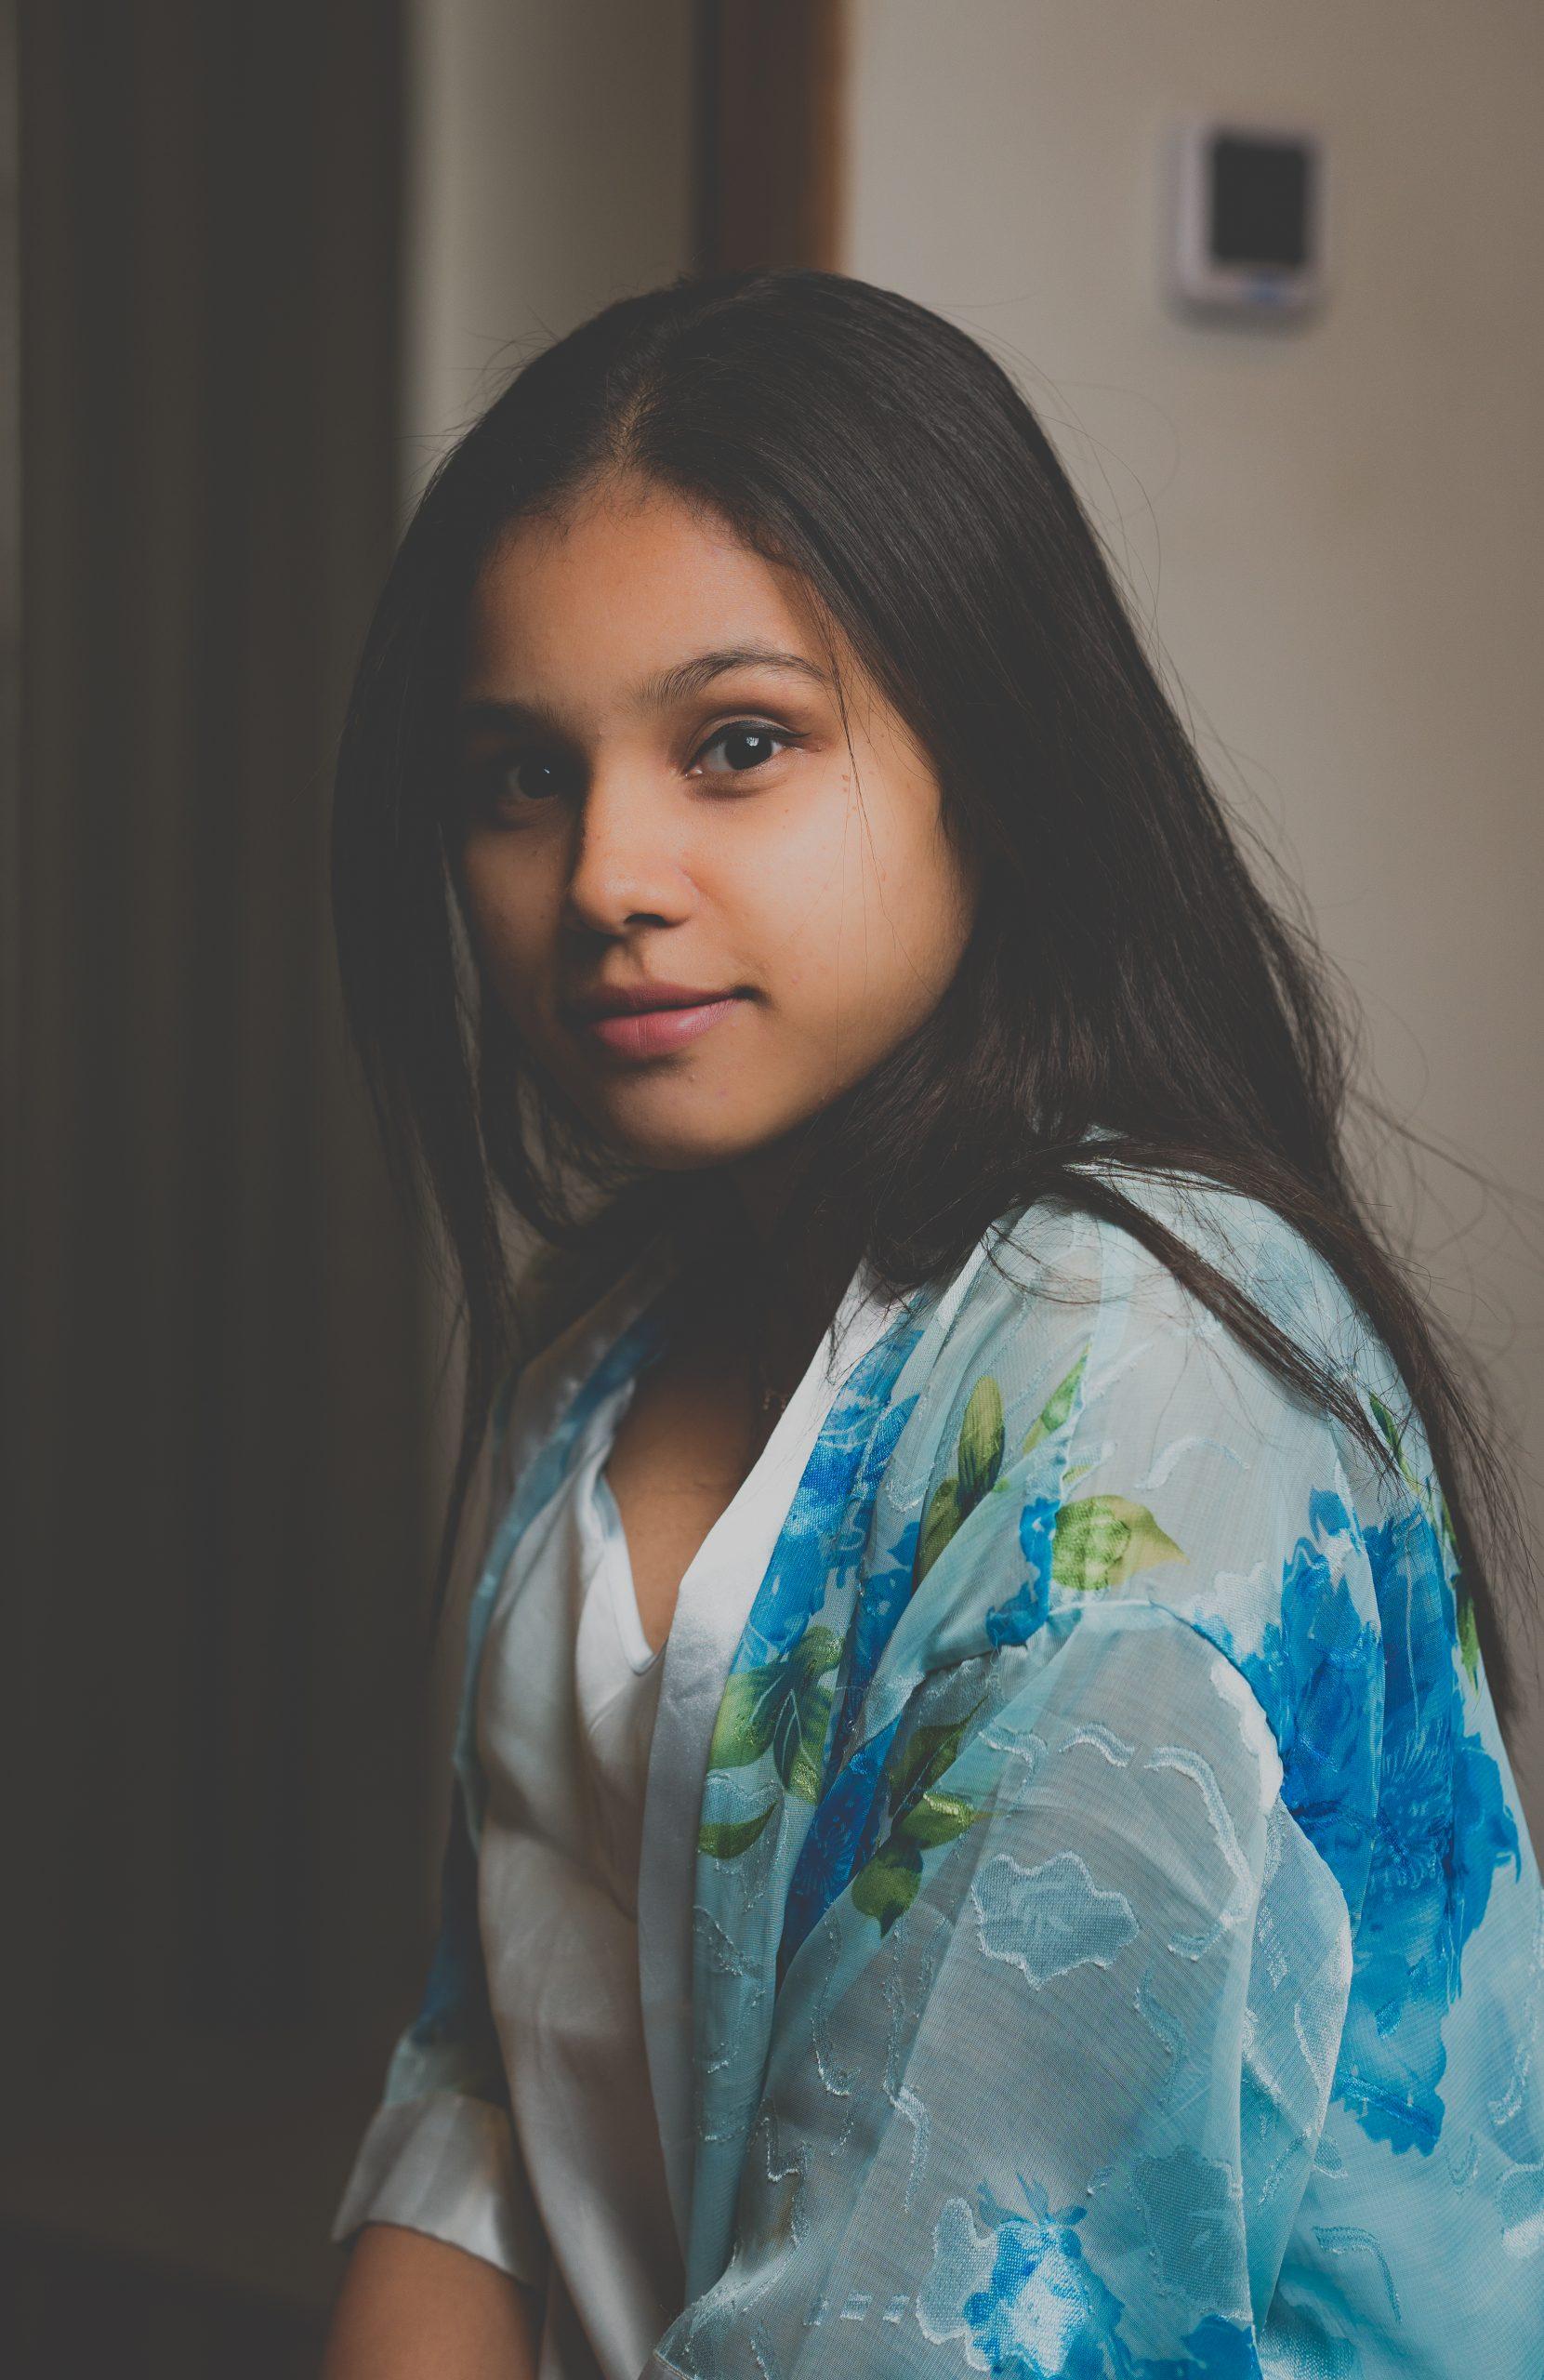 A cute girl